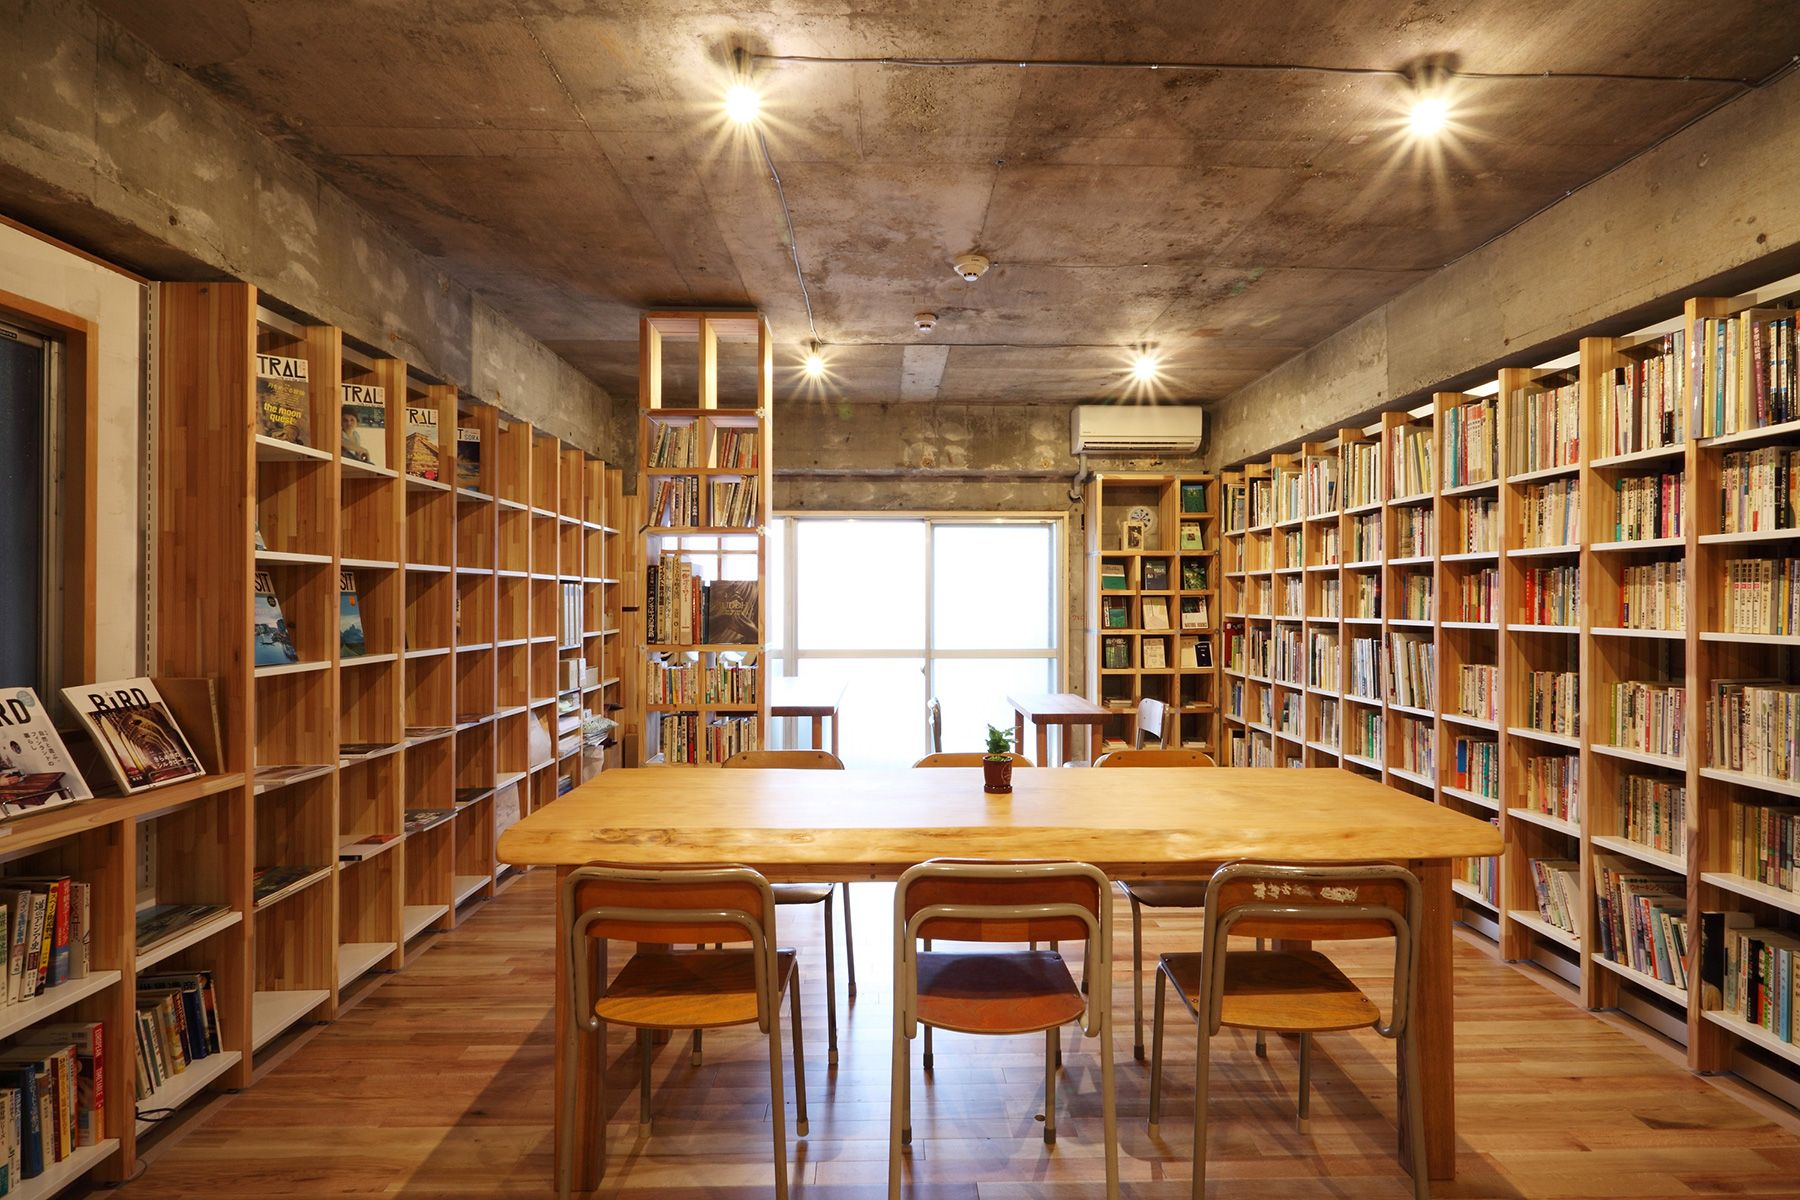 KAIDO books&coffee (カイドブックスアンドコーヒー)2F 明るいのは午前中